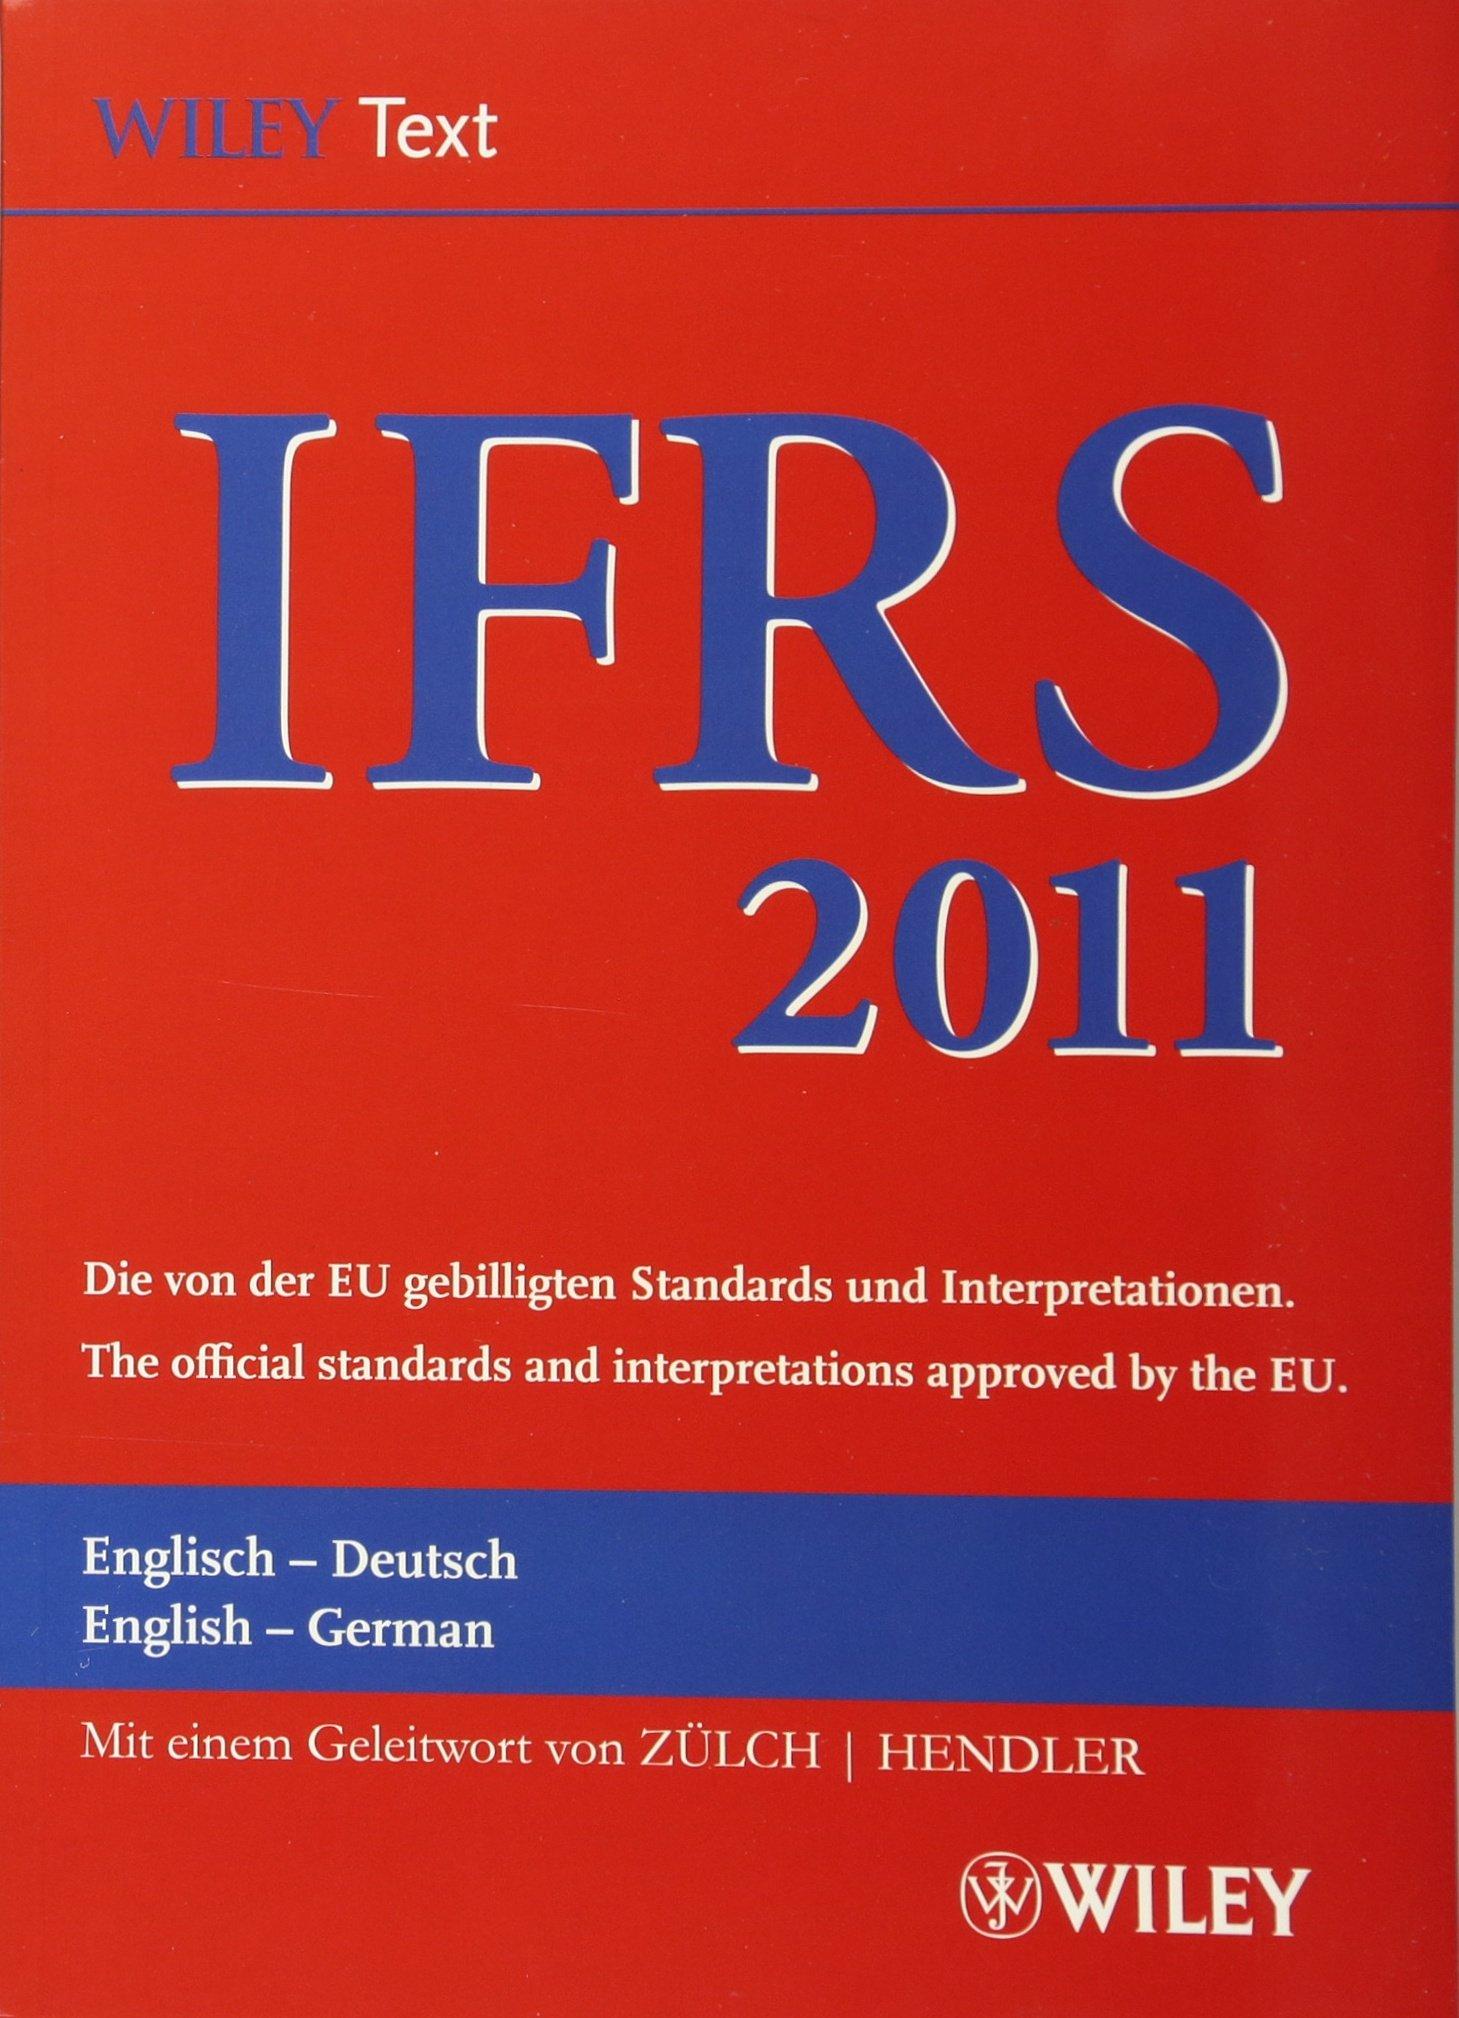 International Financial Reporting Standards (IFRS) 2011: Deutsch-Englische Textausgabe der von der EU gebilligten Standards. English & German edition (IFRS) Deutsche-Englische, Band 2011